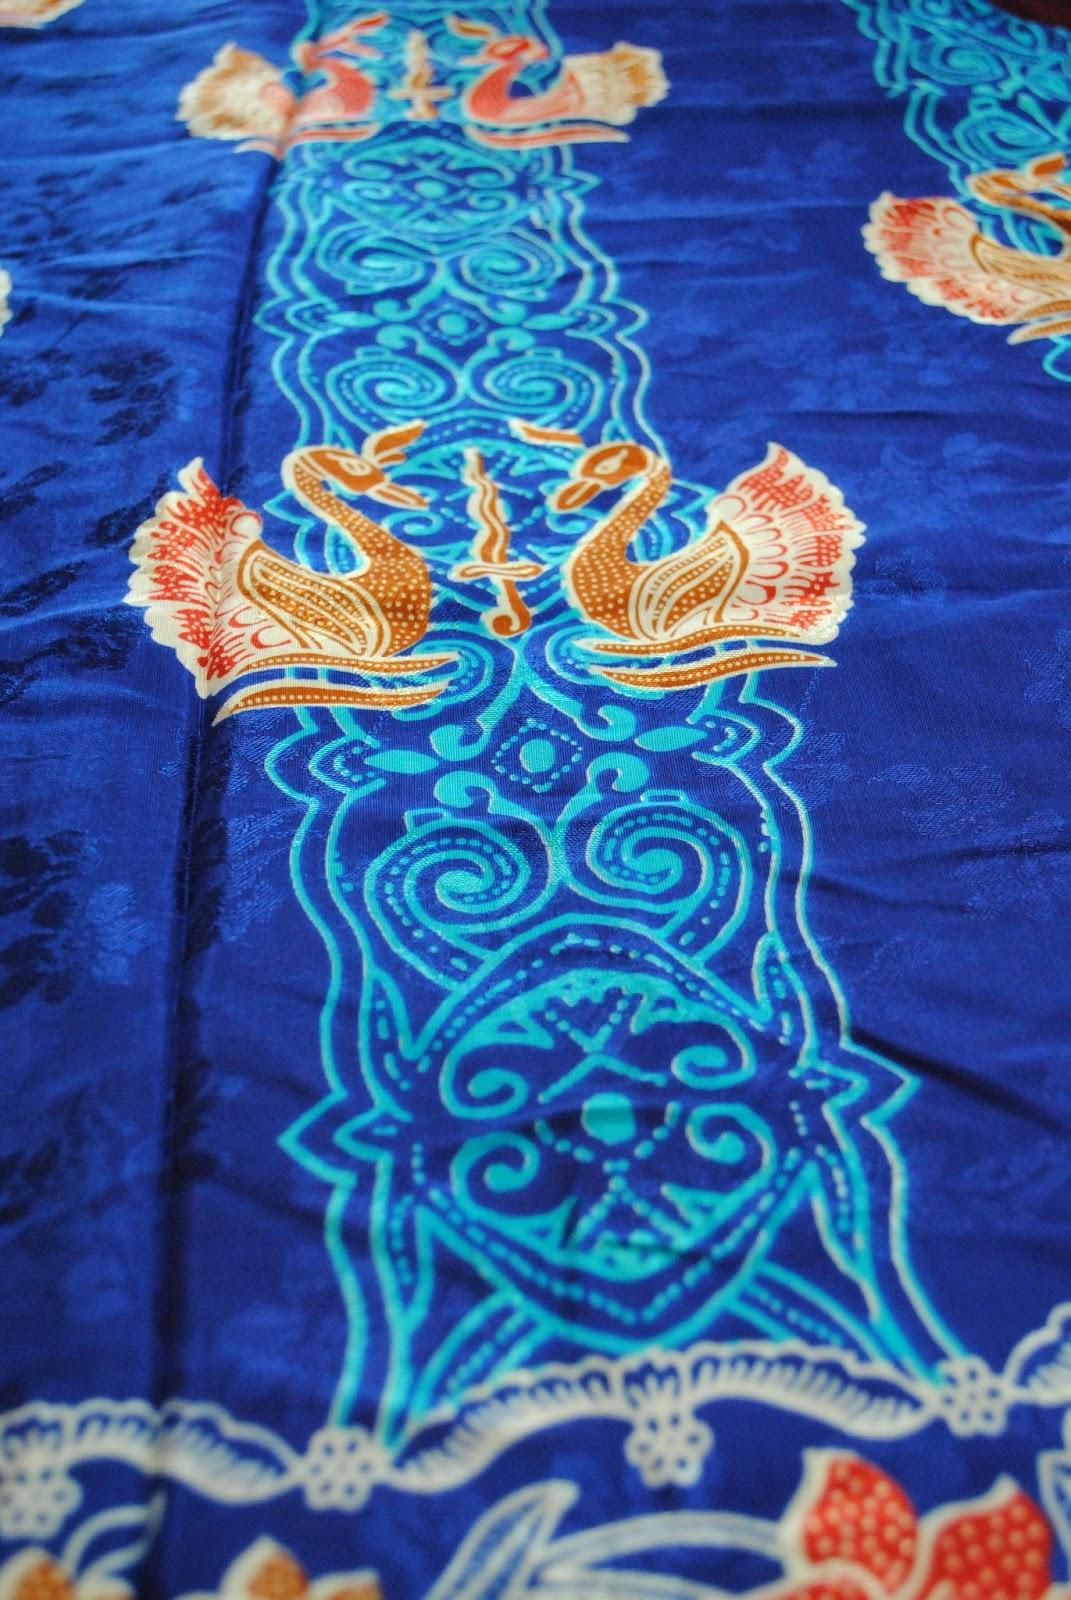 Mirabella Batik jambi: Macam-macam motif batik jambi yg ada di toko ...